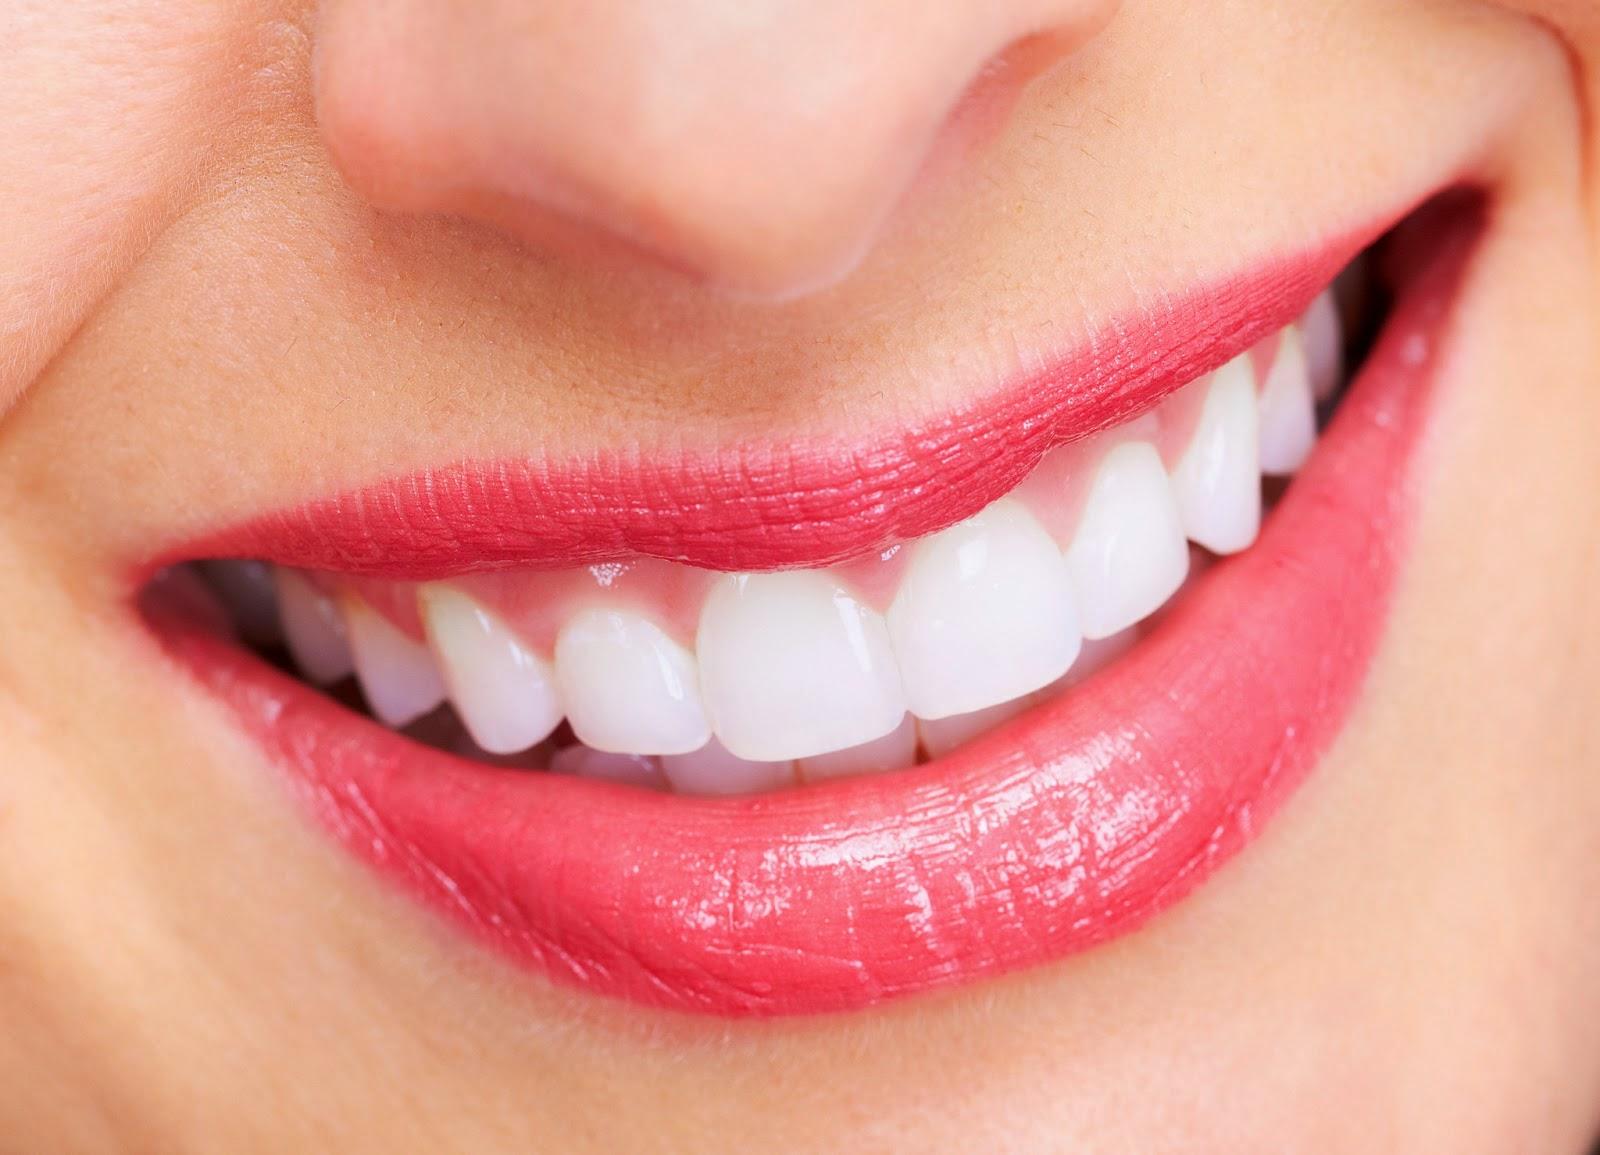 Tẩy trắng răng tại nhà bao nhiêu tiền là đảm bảo chất lượng? 1